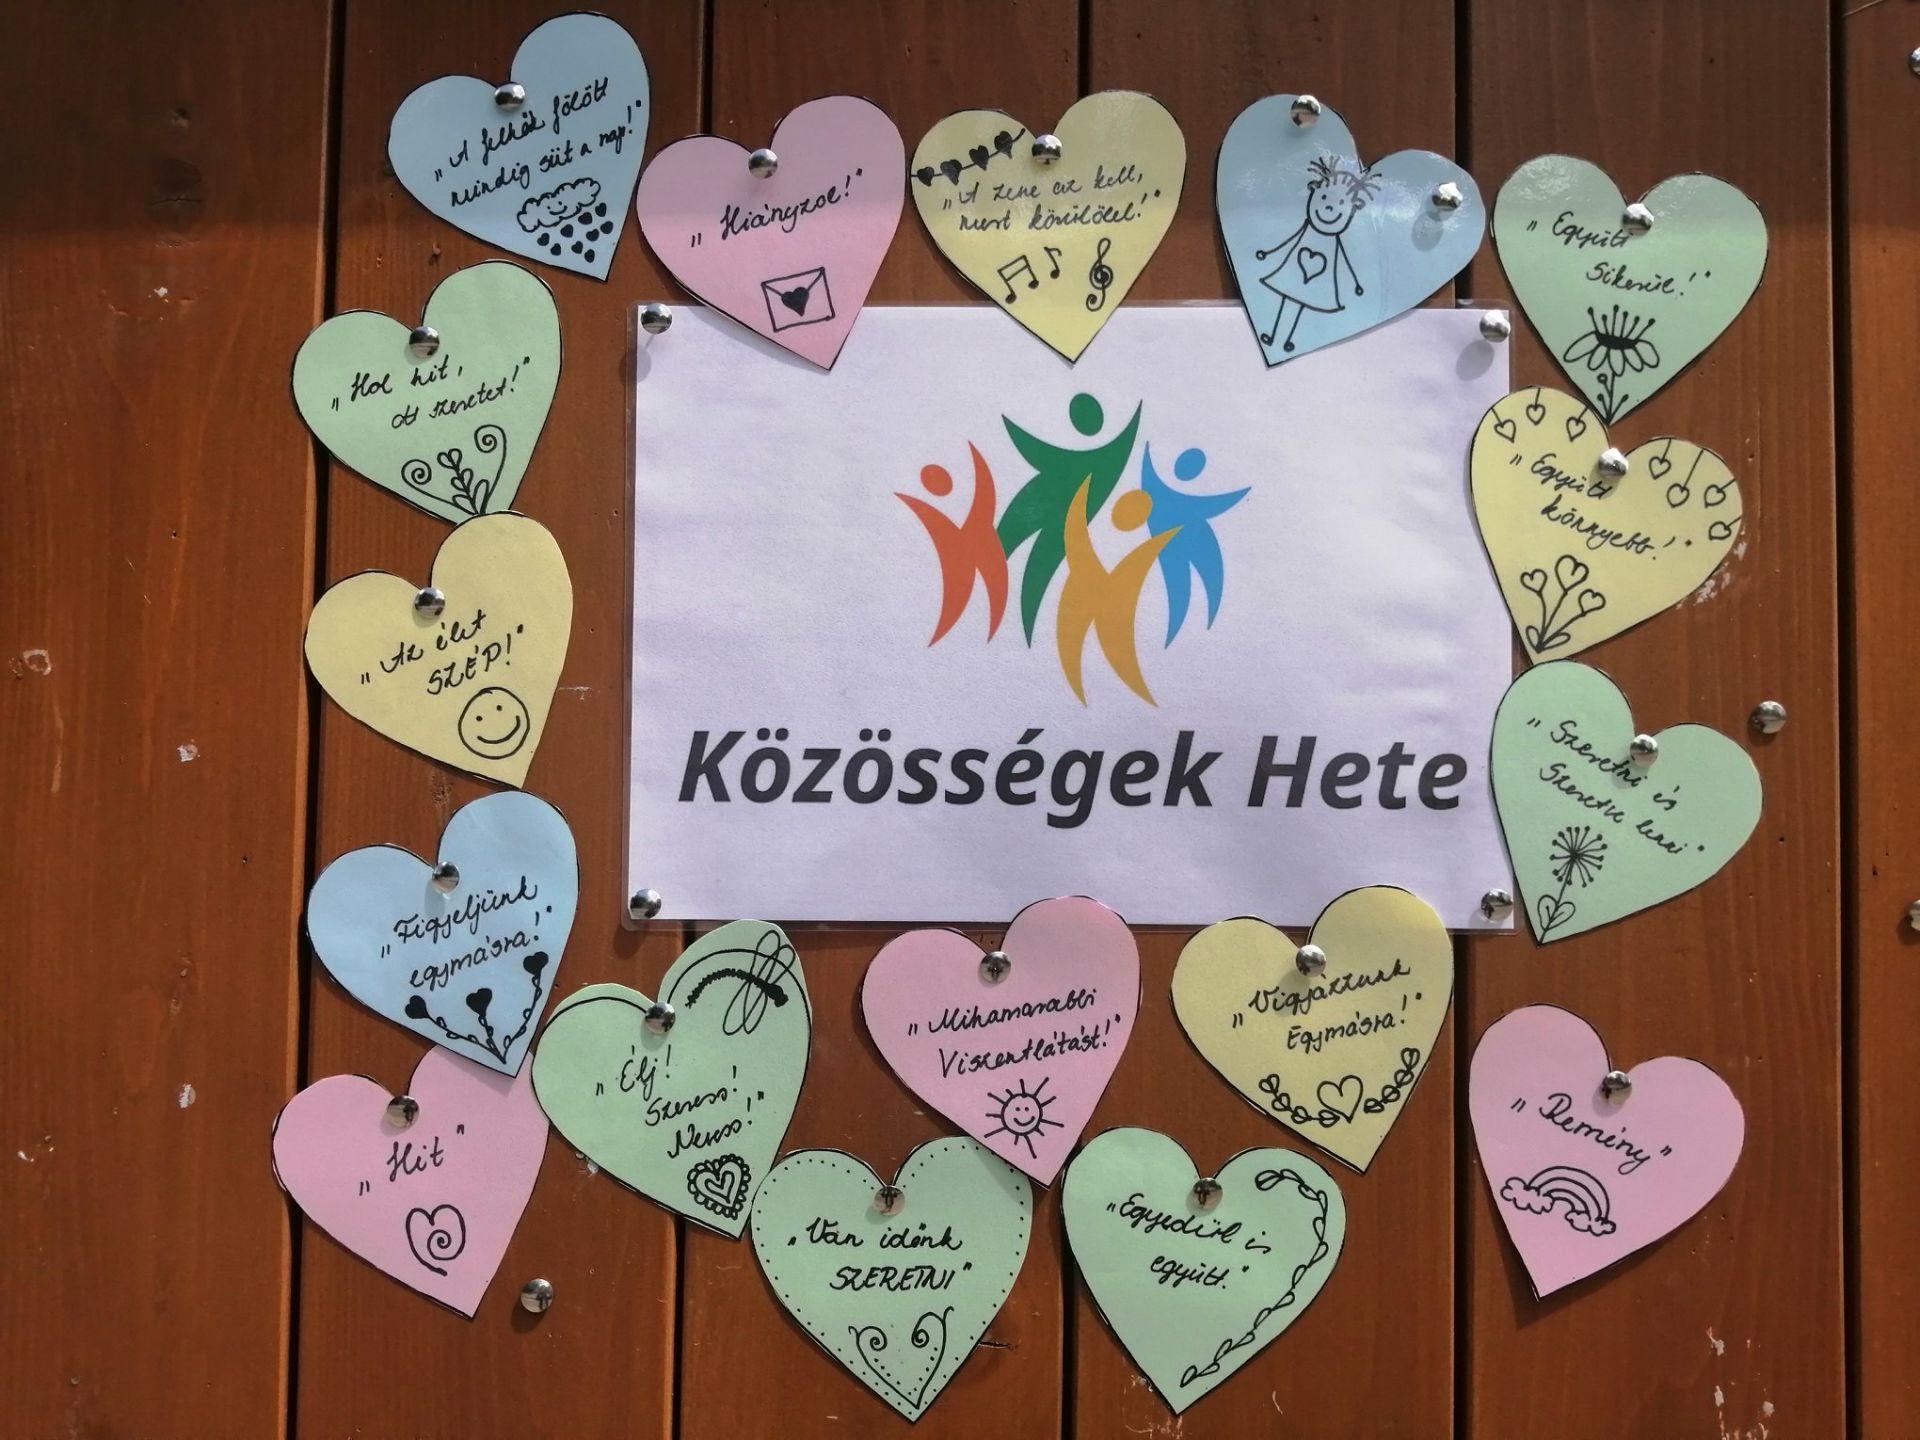 """""""ÍGY IS ÖSSZETARTOZUNK""""- Közösségek Hete virtuális eseménysorozat Pest megyében is"""